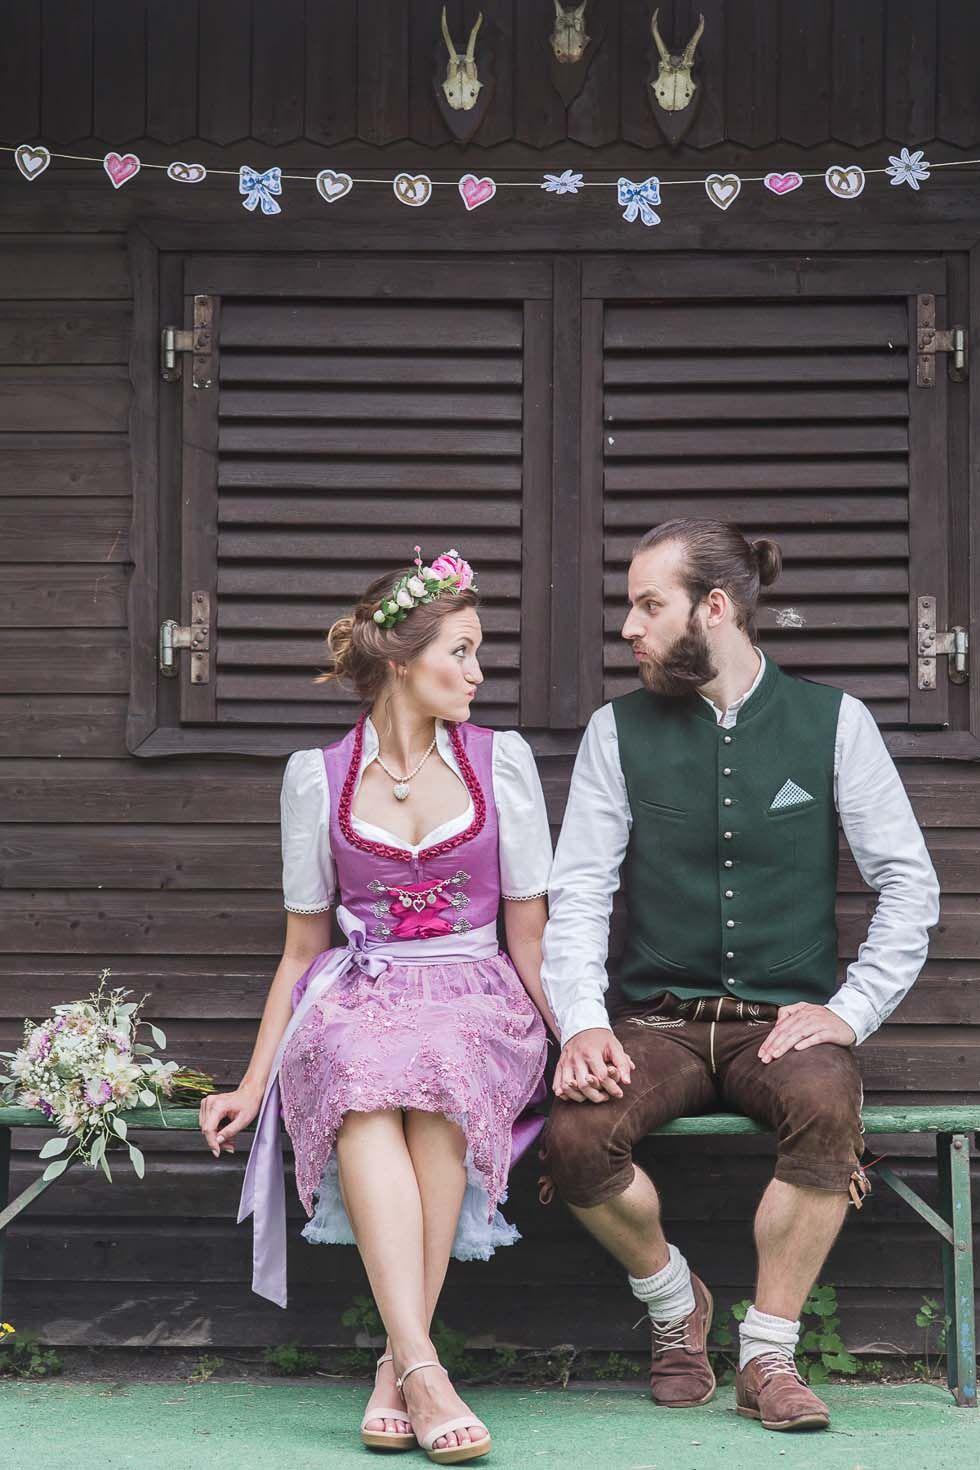 Hochzeit In Tracht Der Perfekte Look Fur Brautpaar Und Gaste Hochzeitsfoto Tracht Trachten Hochzeit Hochzeitsfoto Standesamt